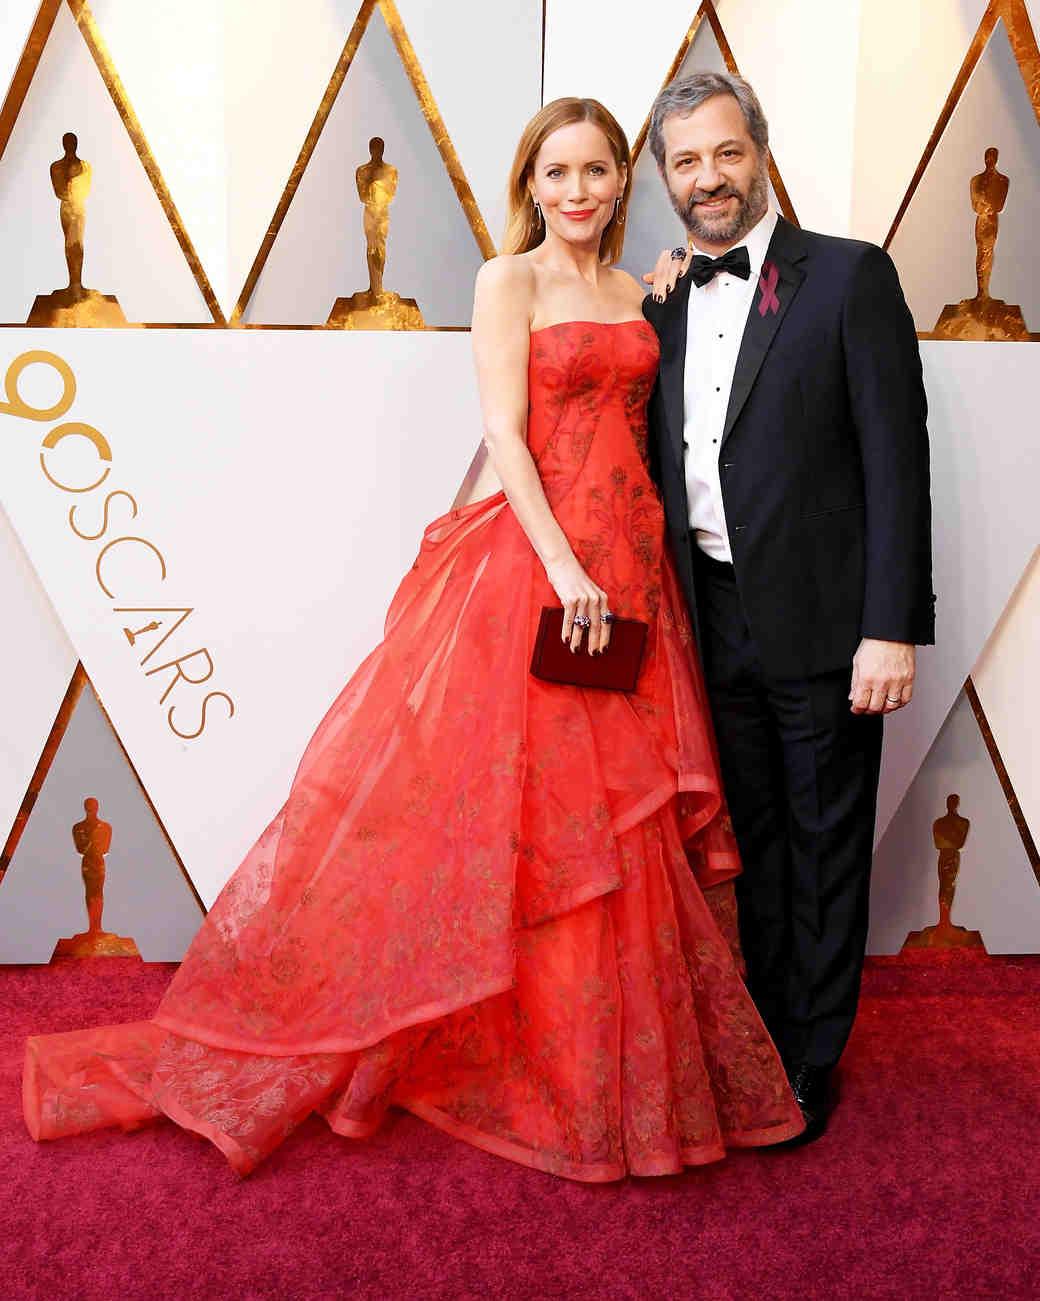 Leslie Mann and Judd Apatow 2018 Oscars